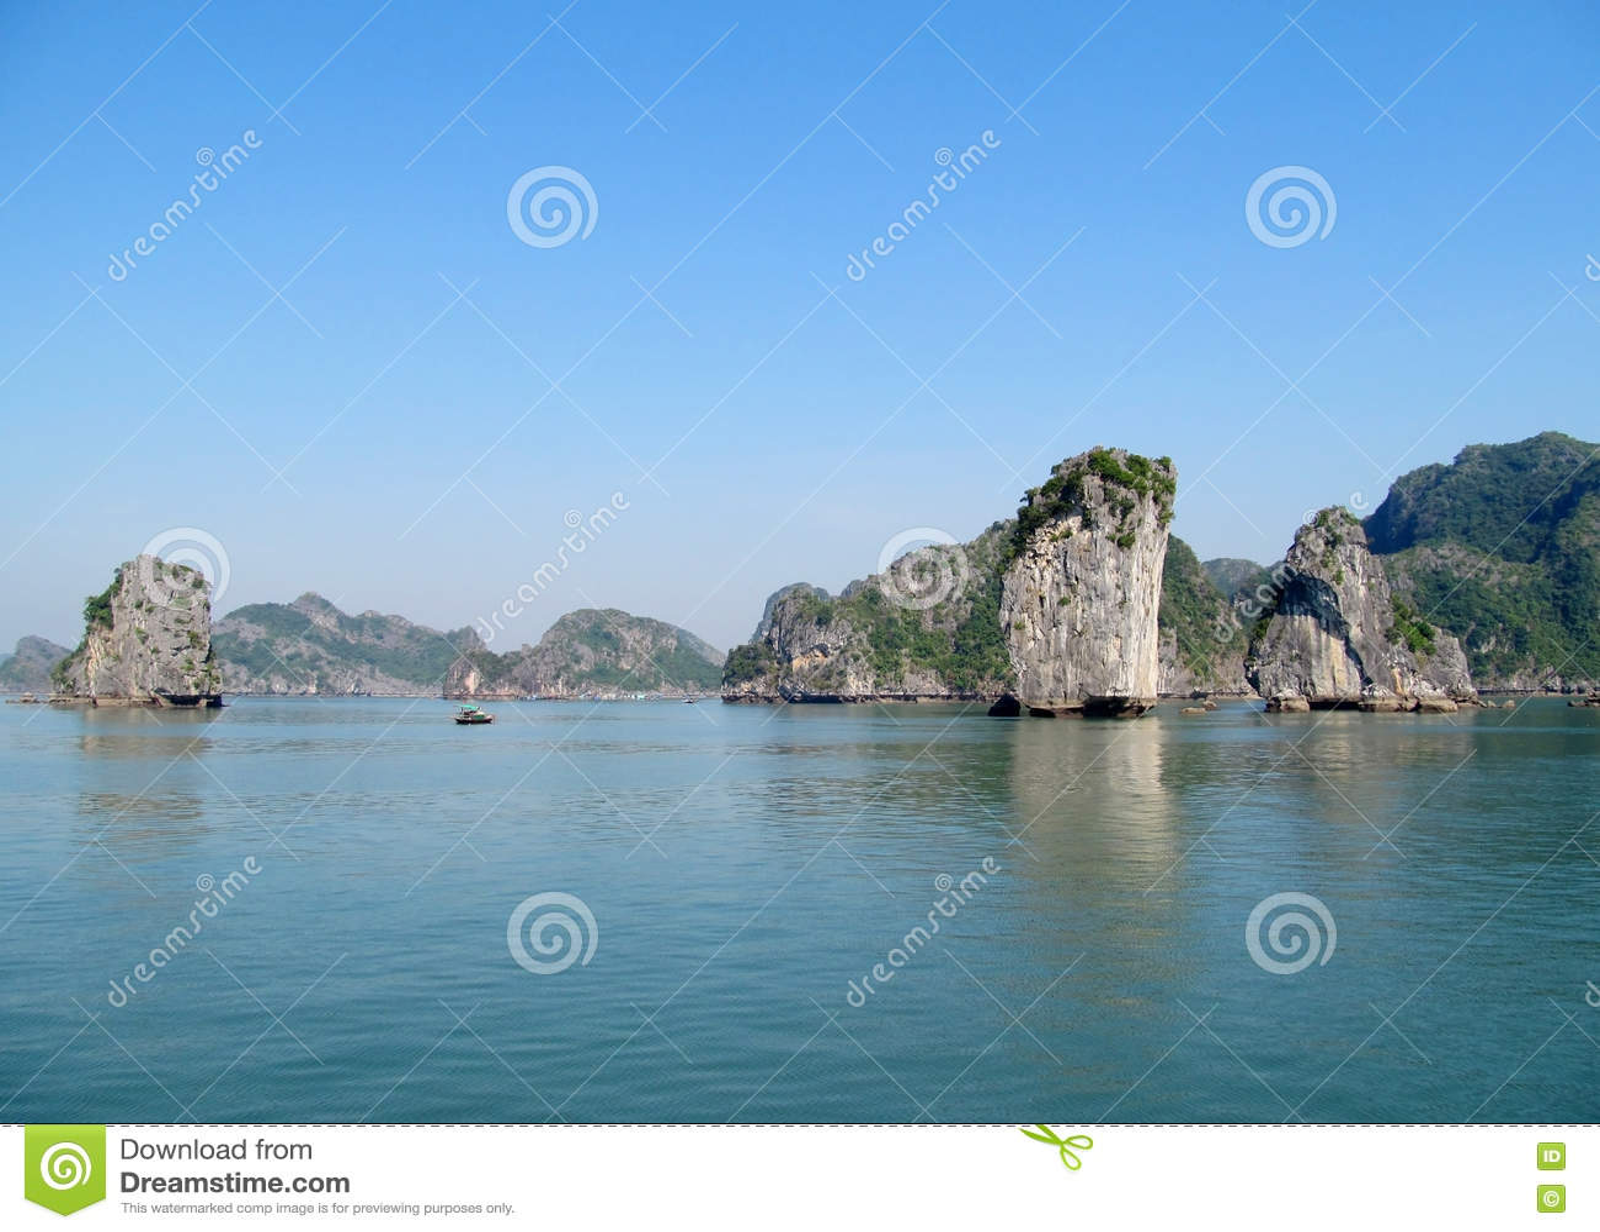 Limestone rocks in Ha Long bay